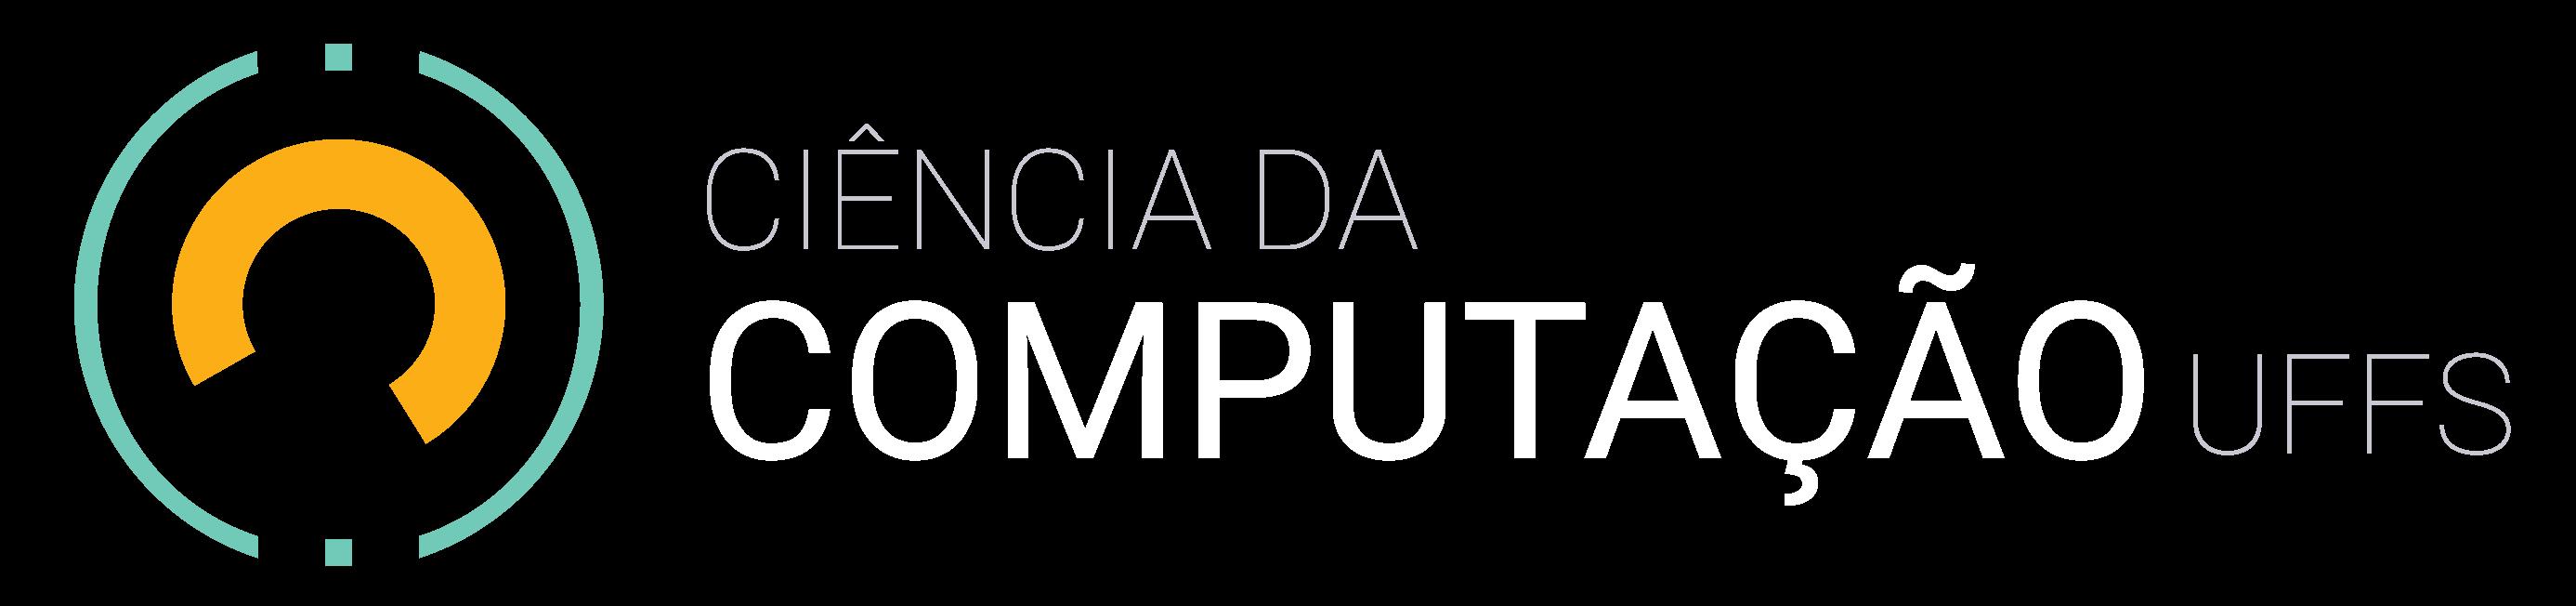 Logo do curso em formato PNG com transparência